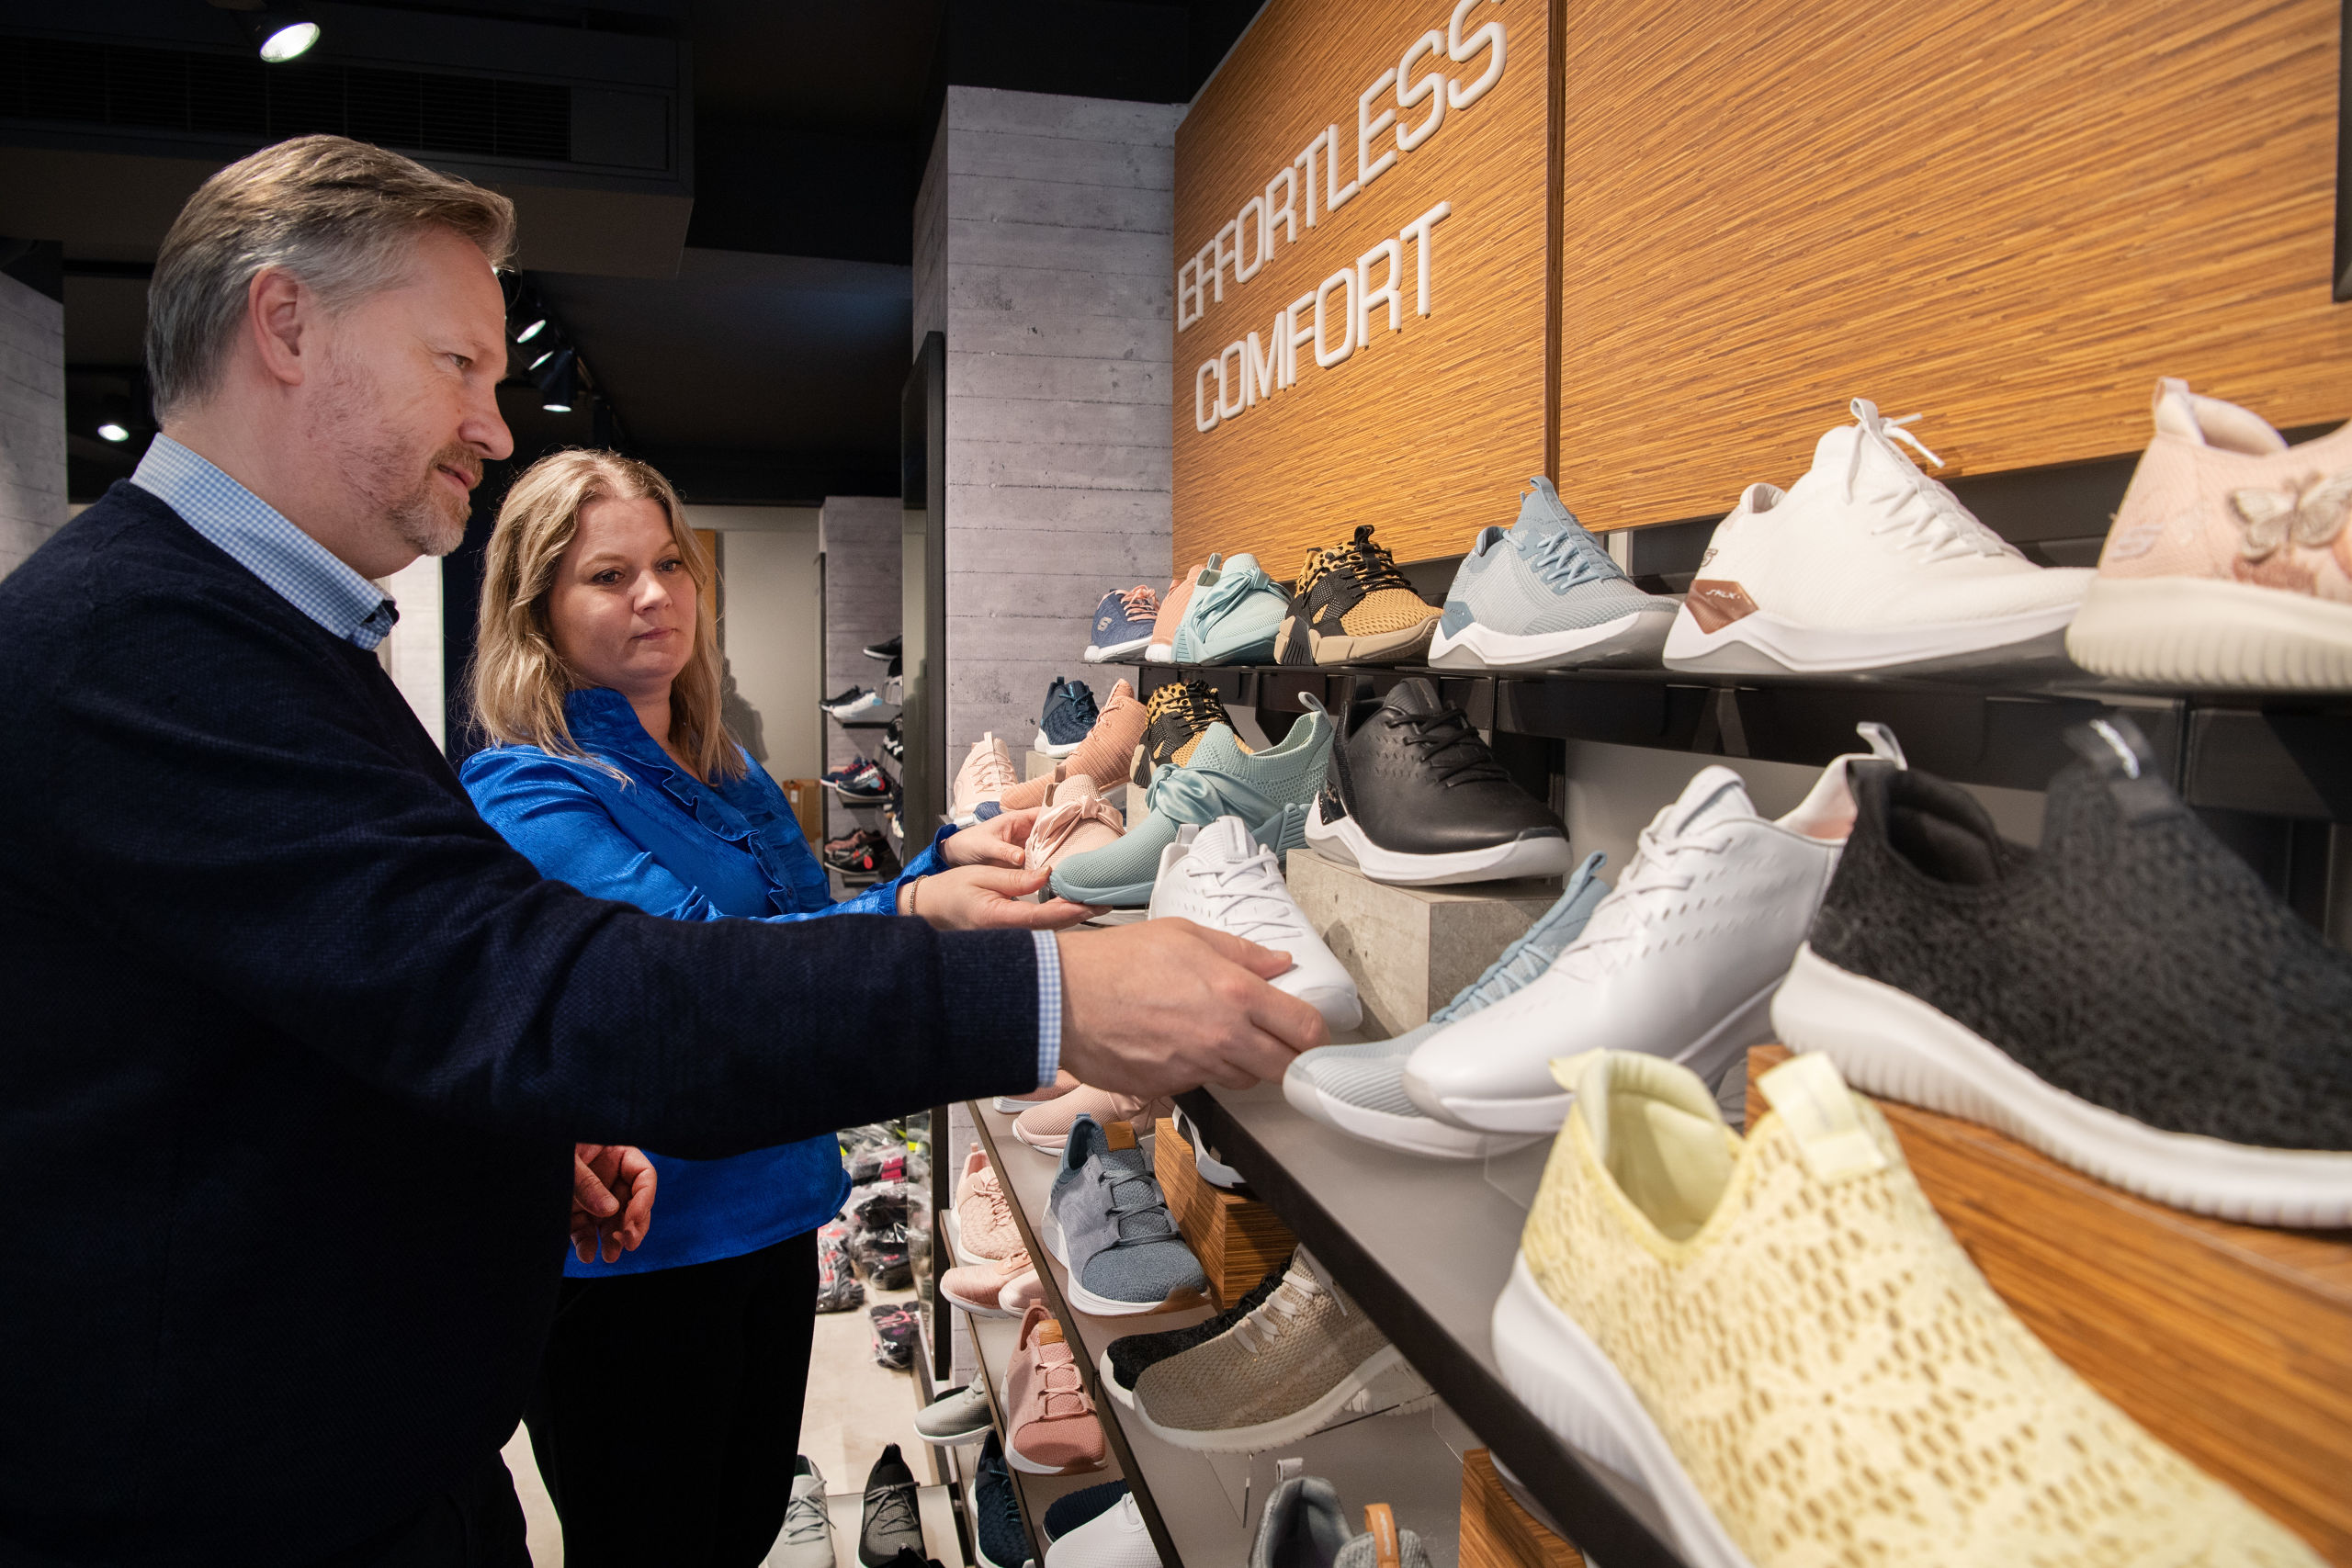 Brian og Henriette Tøttrup glæder sig til at byde kunderne velkommen i den nye butik. Foto: Hans Ravn